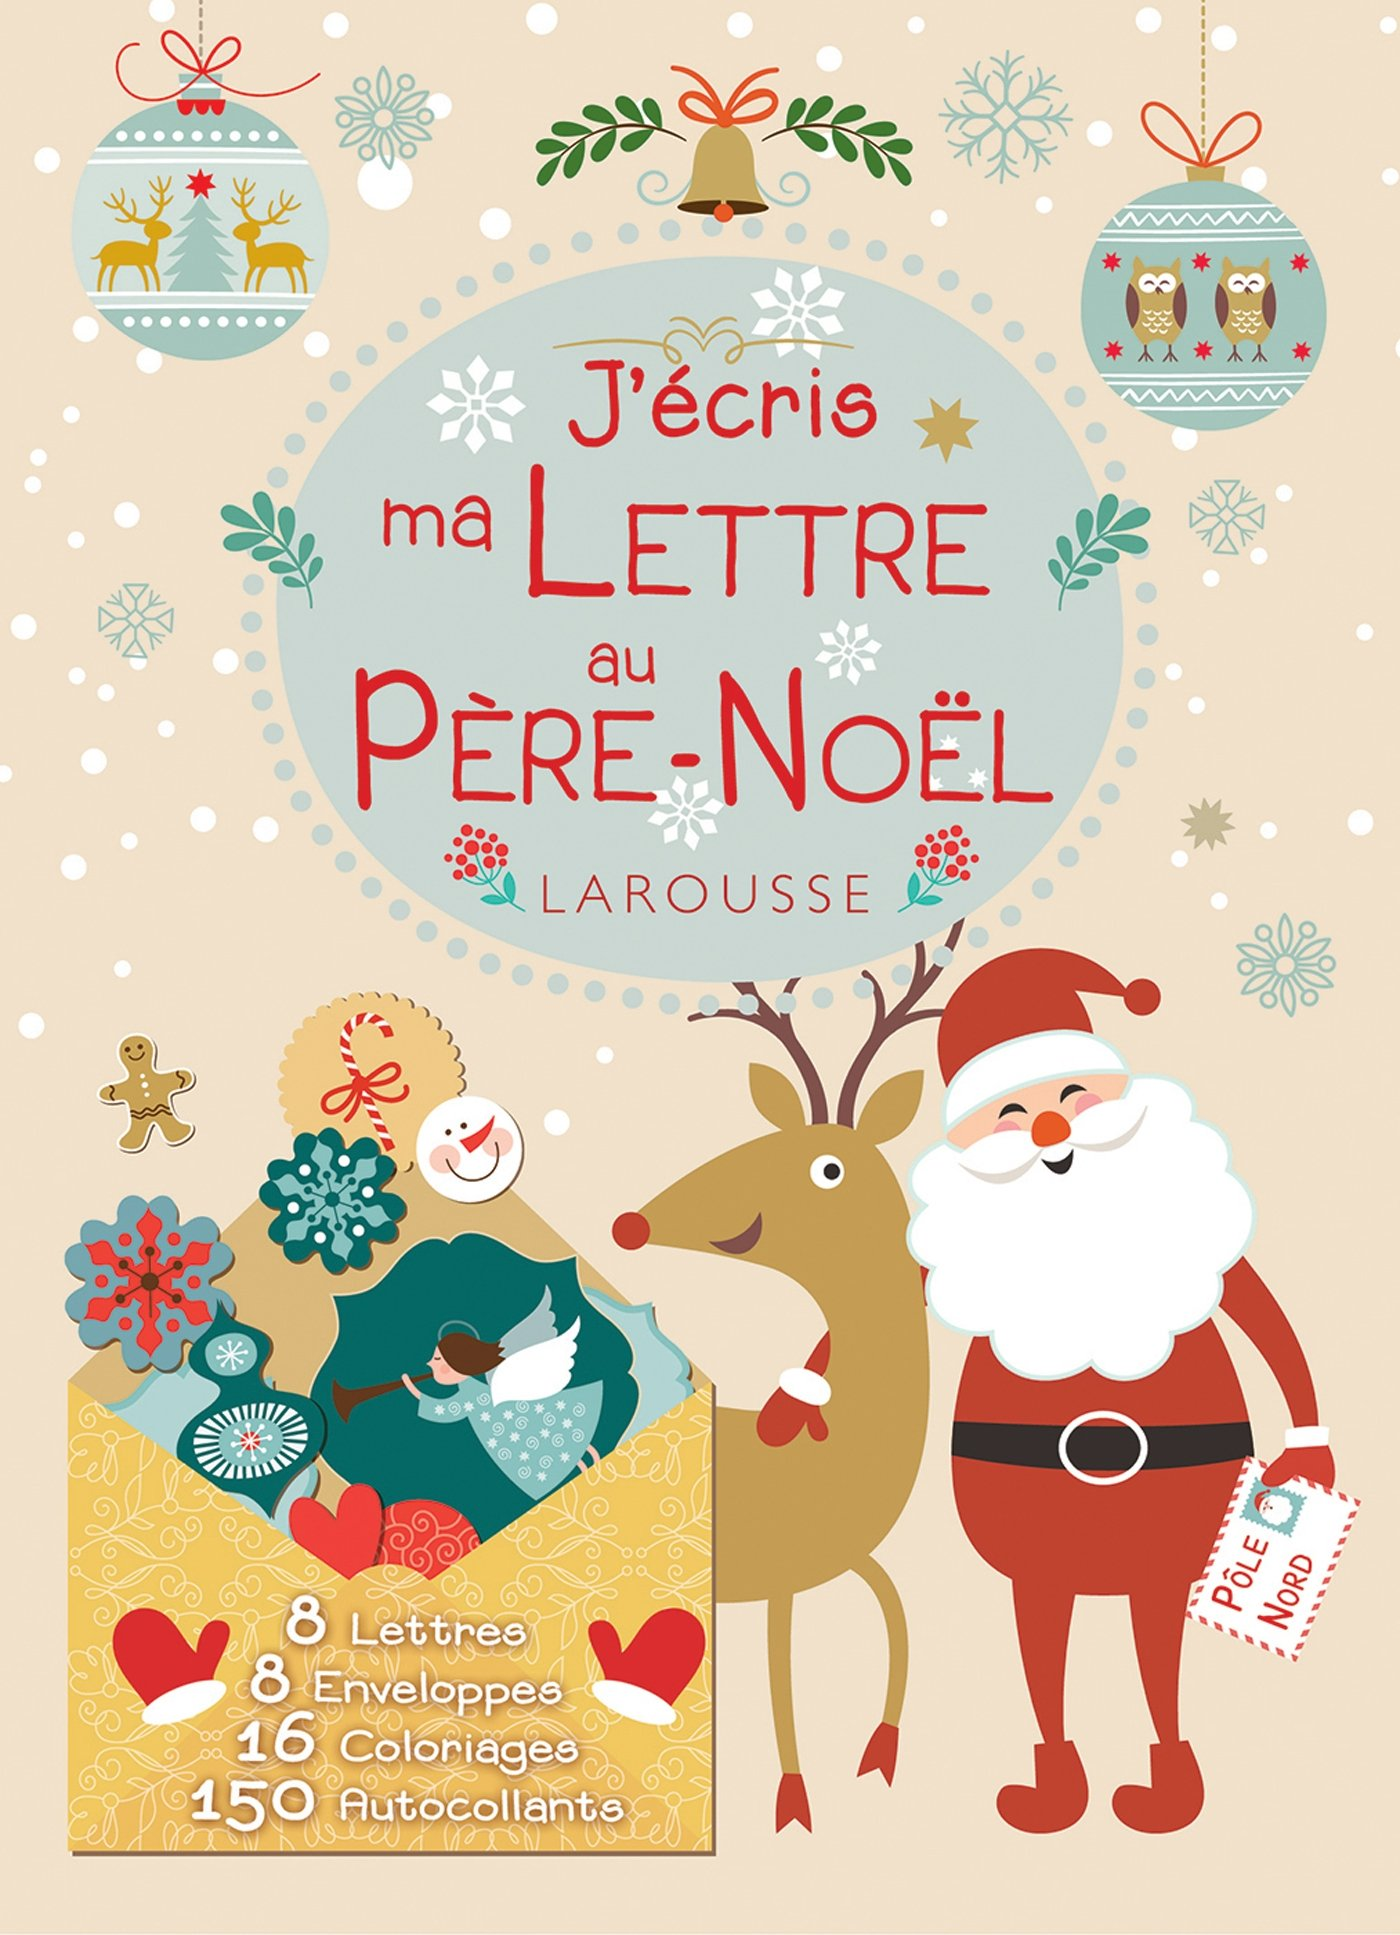 Liste Au Pere Noel Amazon.in: Buy J'ecris ma lettre au pere Noël Book Online at Low